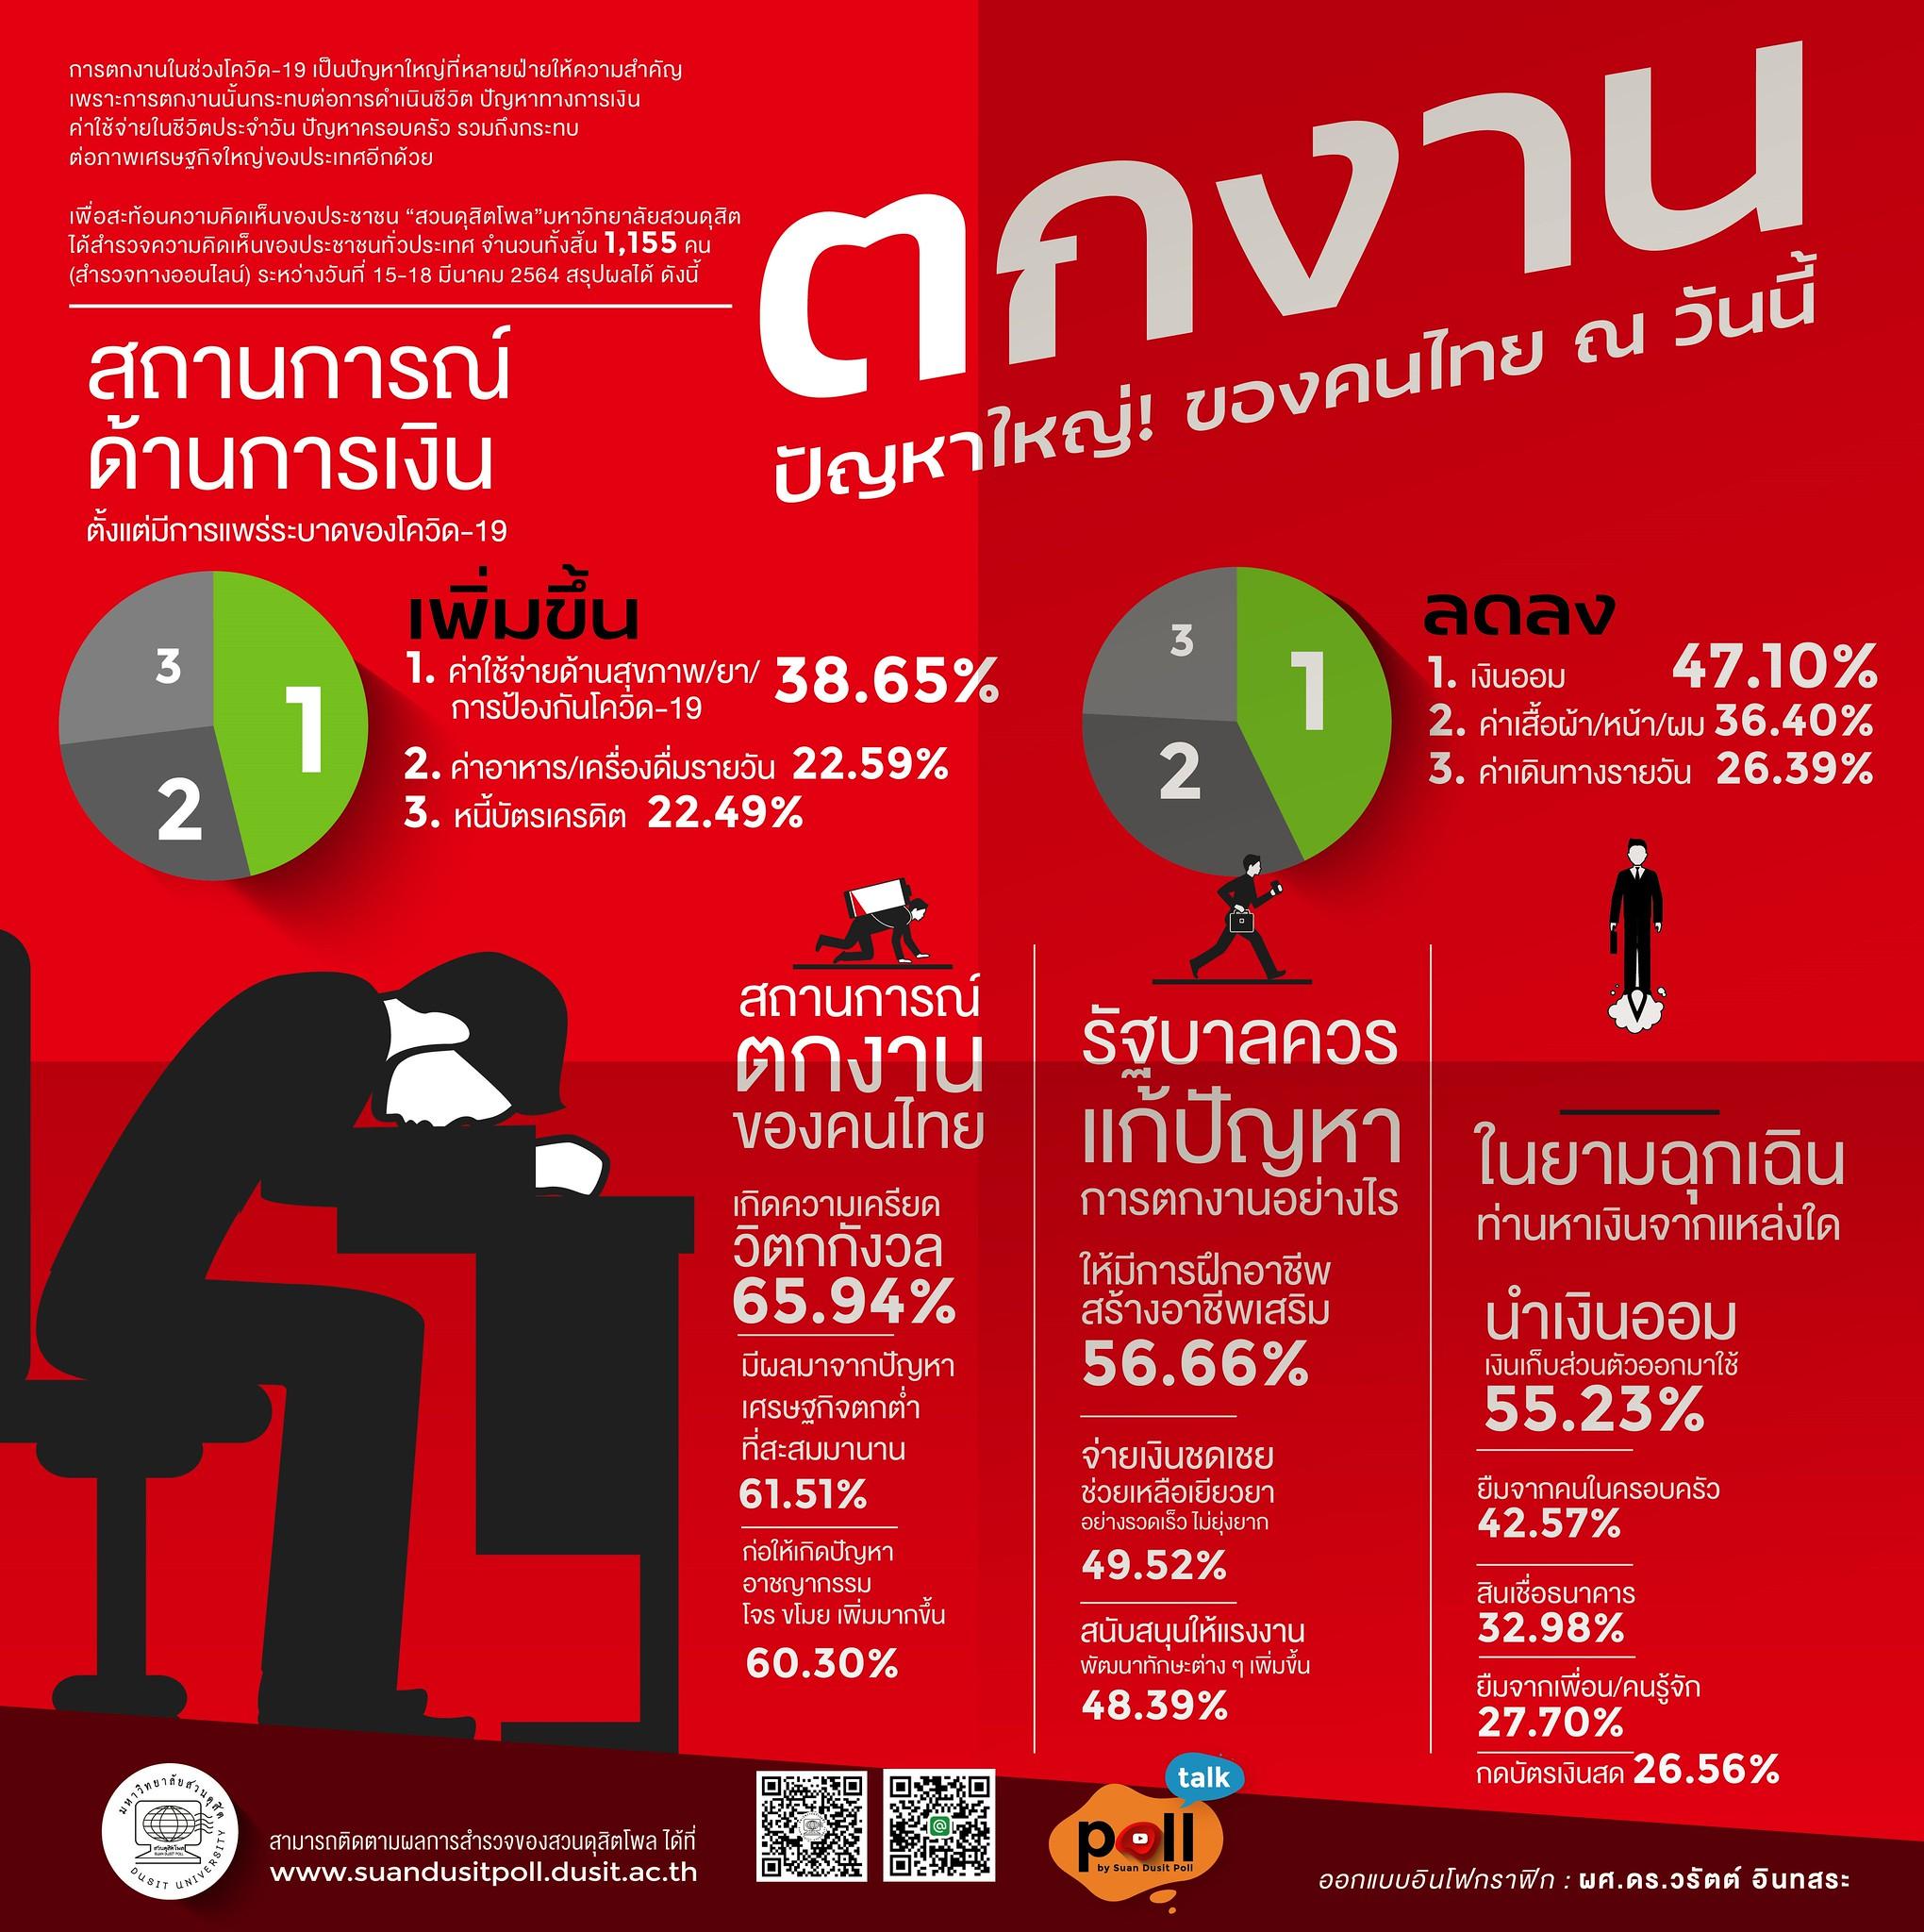 โพลระบุประชาชนมอง 'ตกงาน' เป็นปัญหาใหญ่ของคนไทย ณ วันนี้